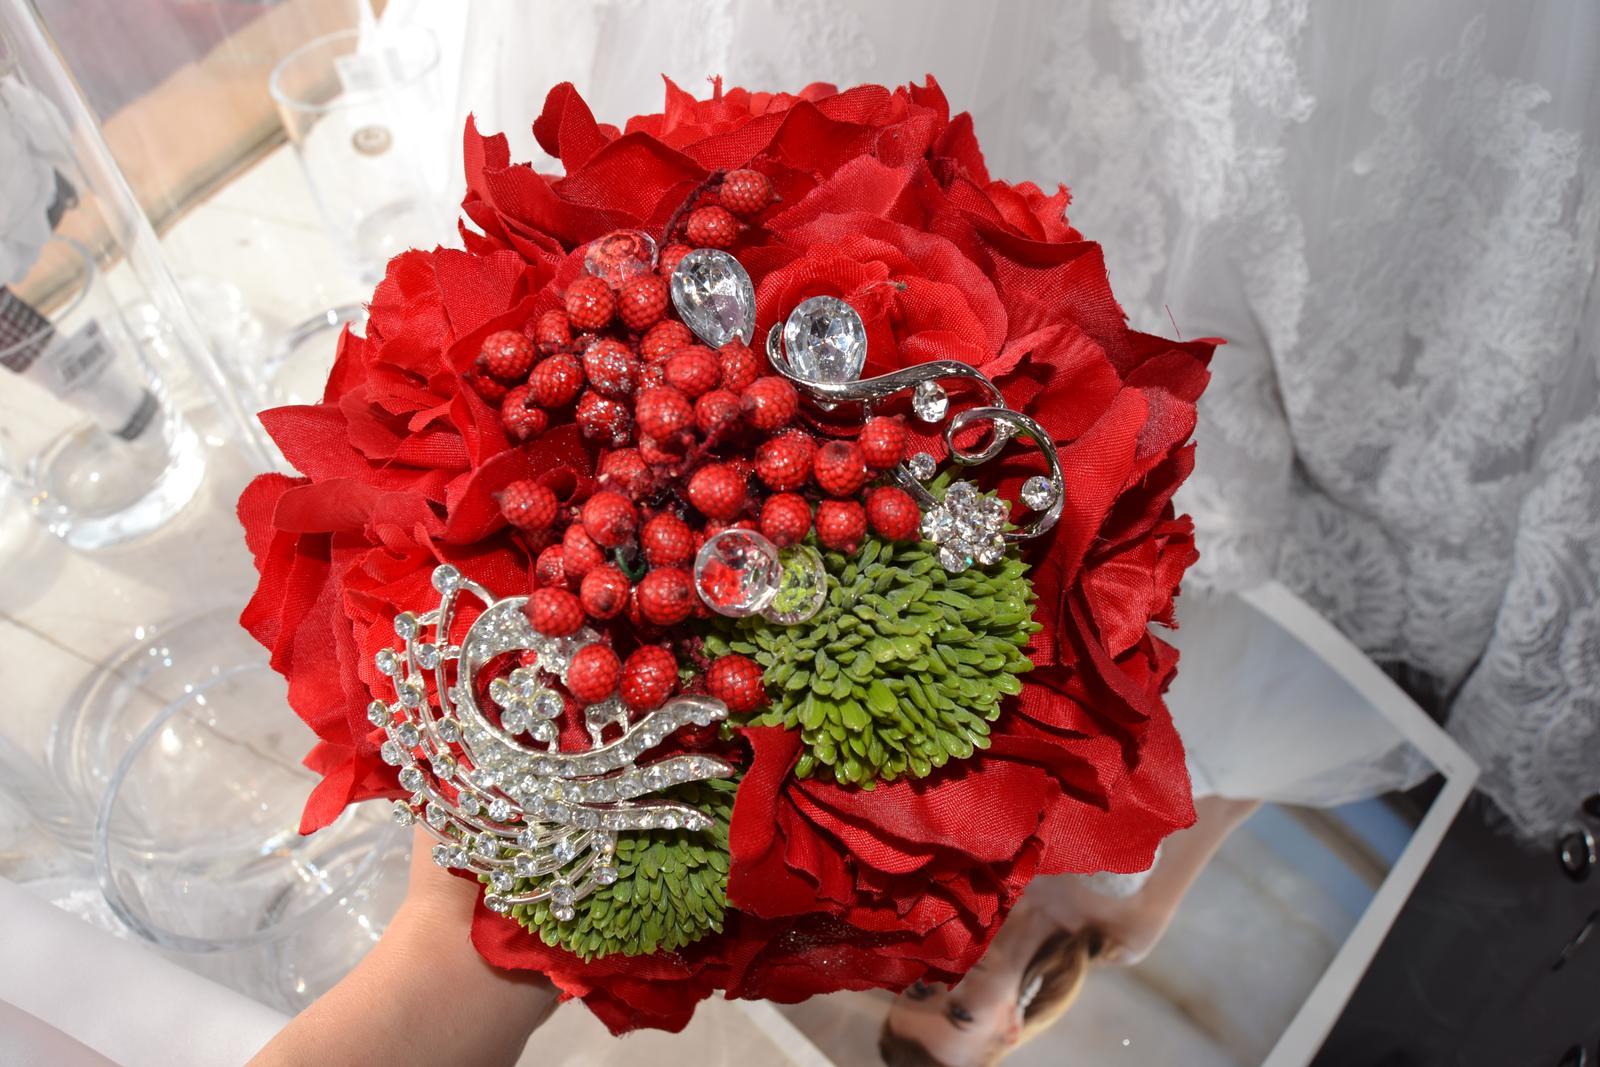 Látkové umělé svatební kytice-info - Obrázek č. 4